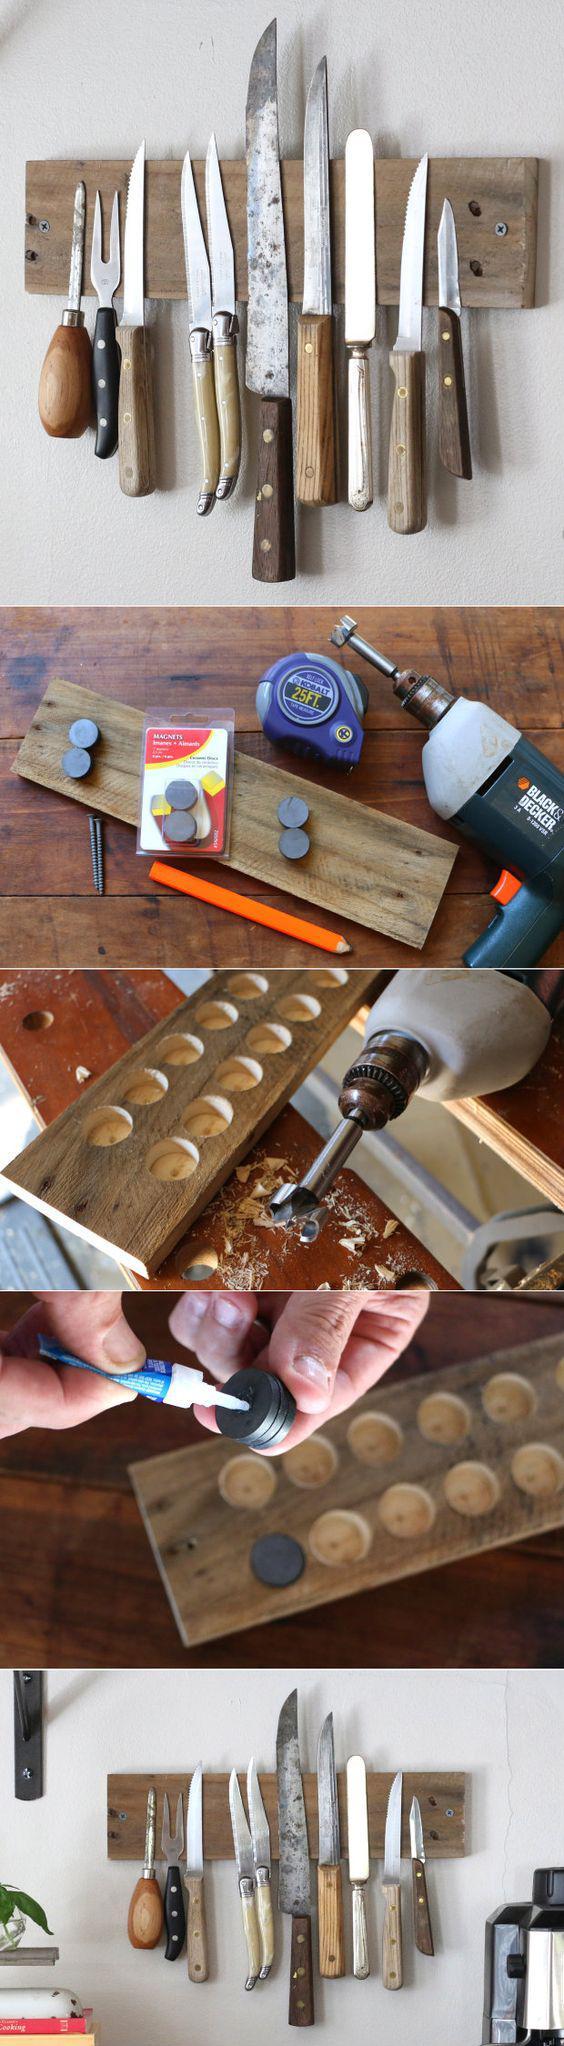 image18-14 | 20 творческих идей организации хранения на кухне